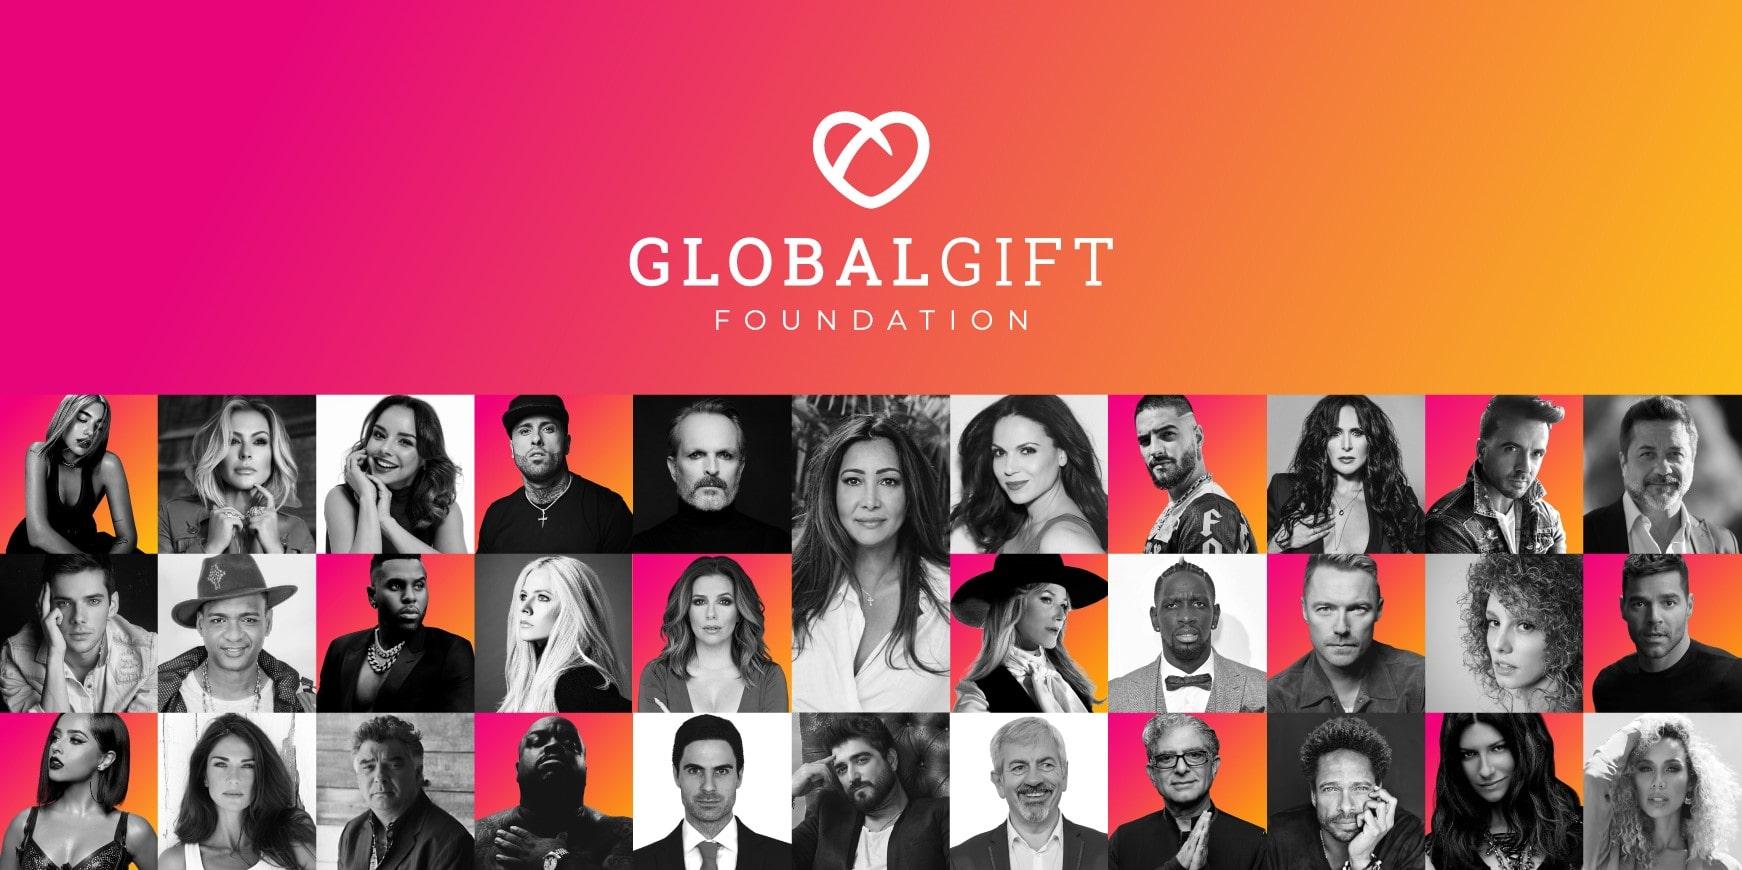 Global Gift Foundation y OHM Live consiguen una audiencia de más de 12 millones de personas